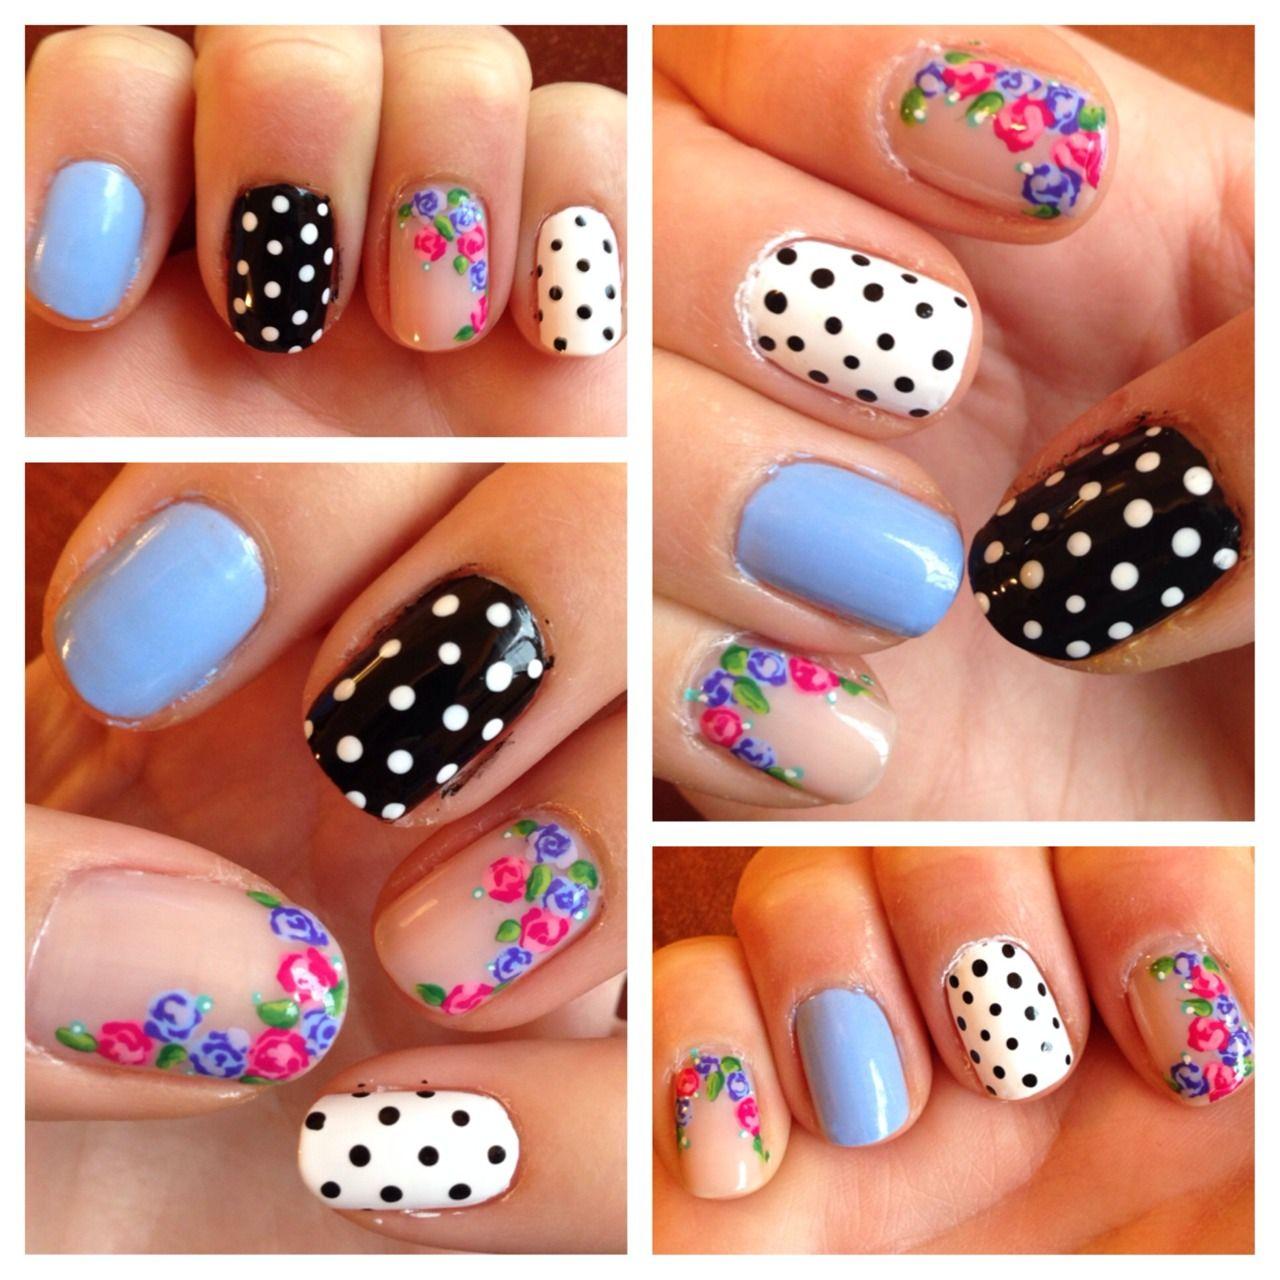 Rose and polkadot nails, floral nail art